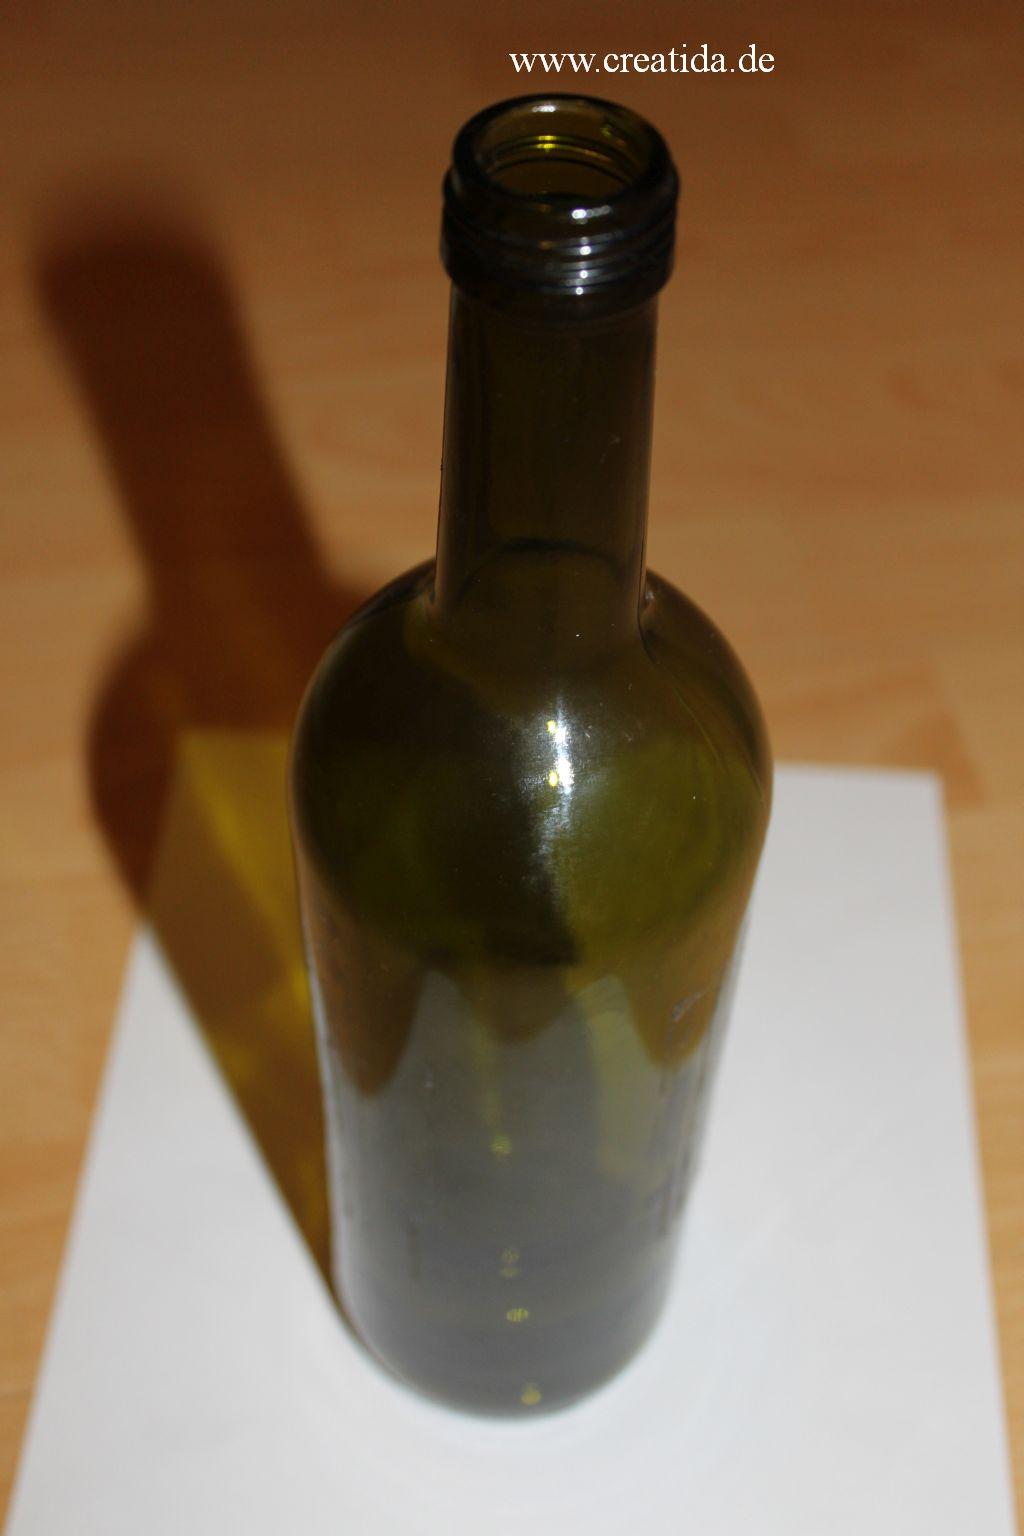 Vase Aus Flasche Basteln Creatidade Alles Rund Um Diy